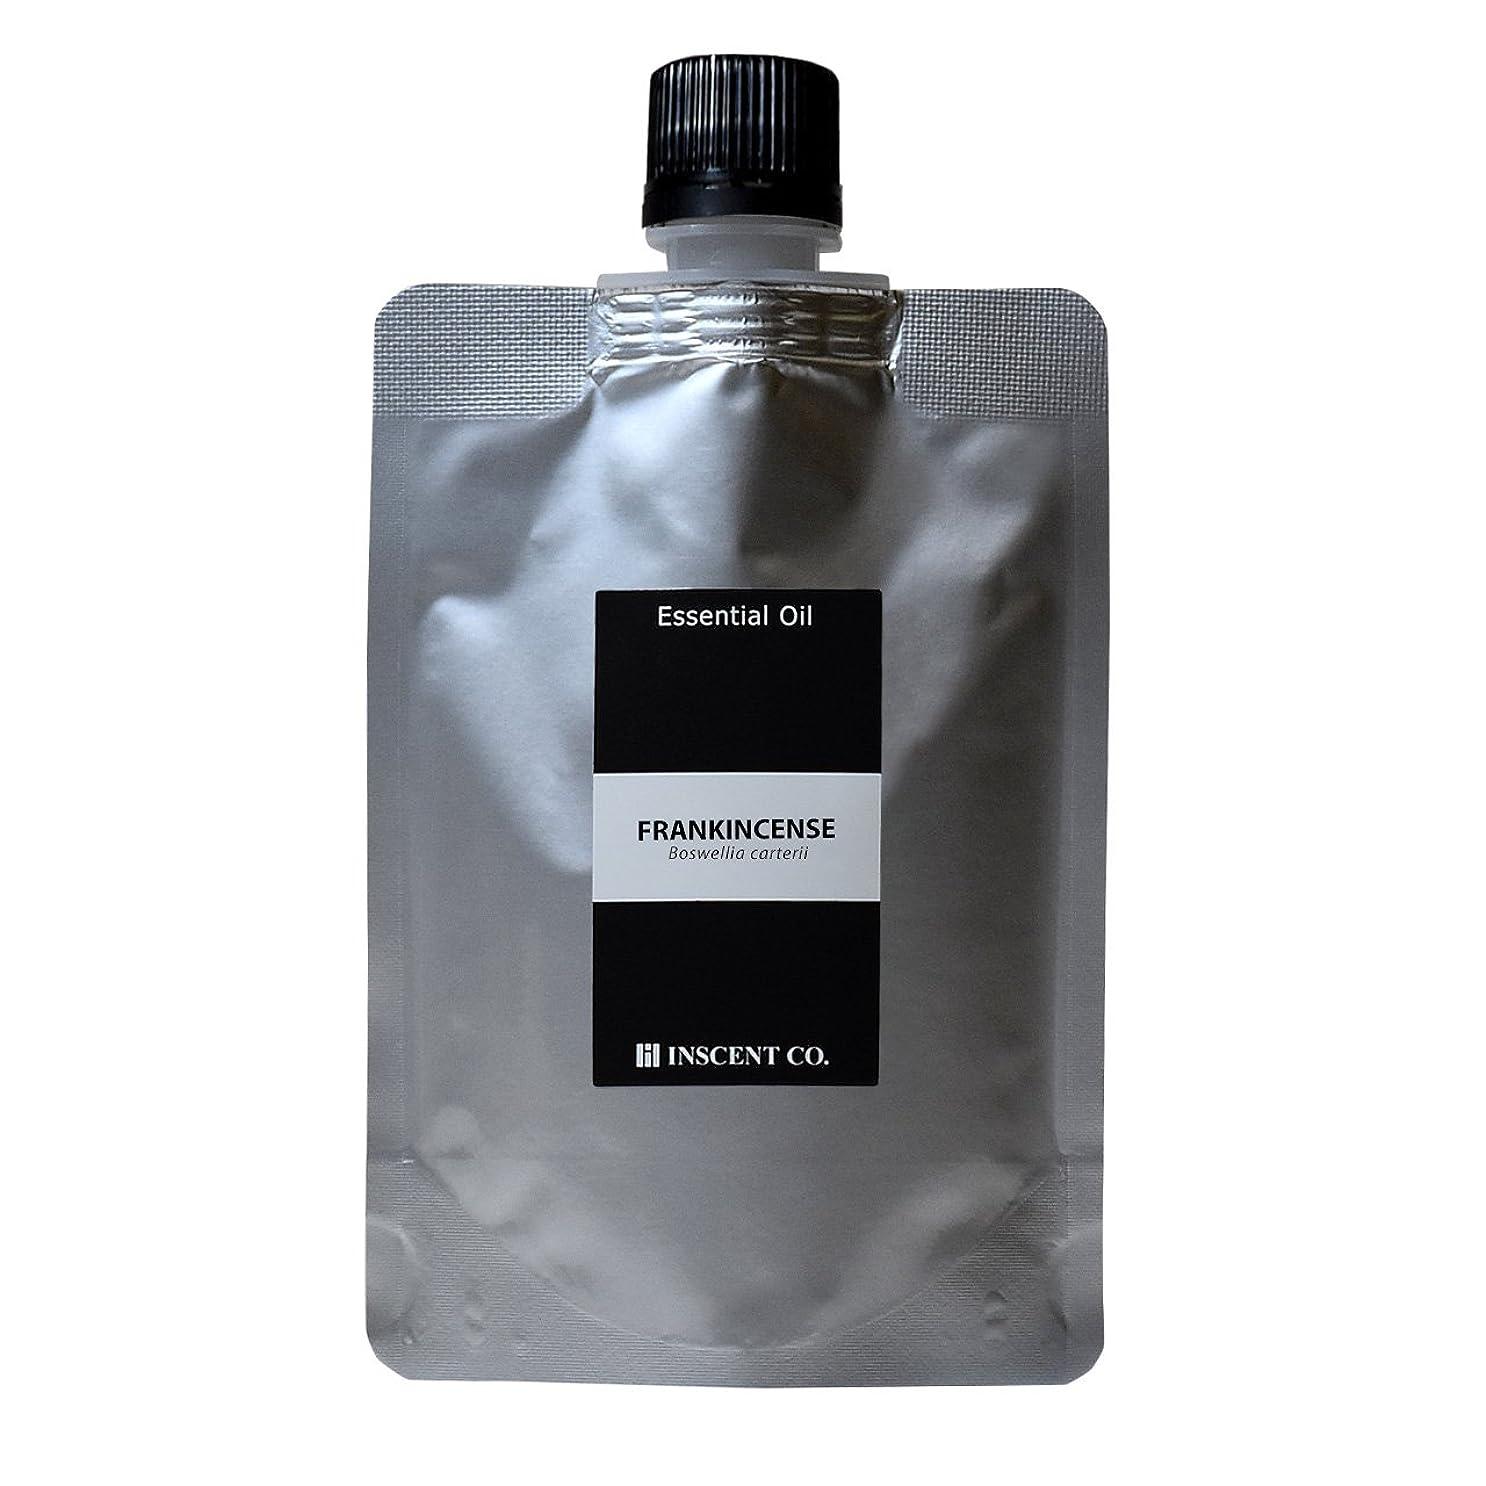 シルエット投票ギャラントリー(詰替用 アルミパック) フランキンセンス (オリバナム/乳香) 100ml インセント アロマオイル AEAJ 表示基準適合認定精油